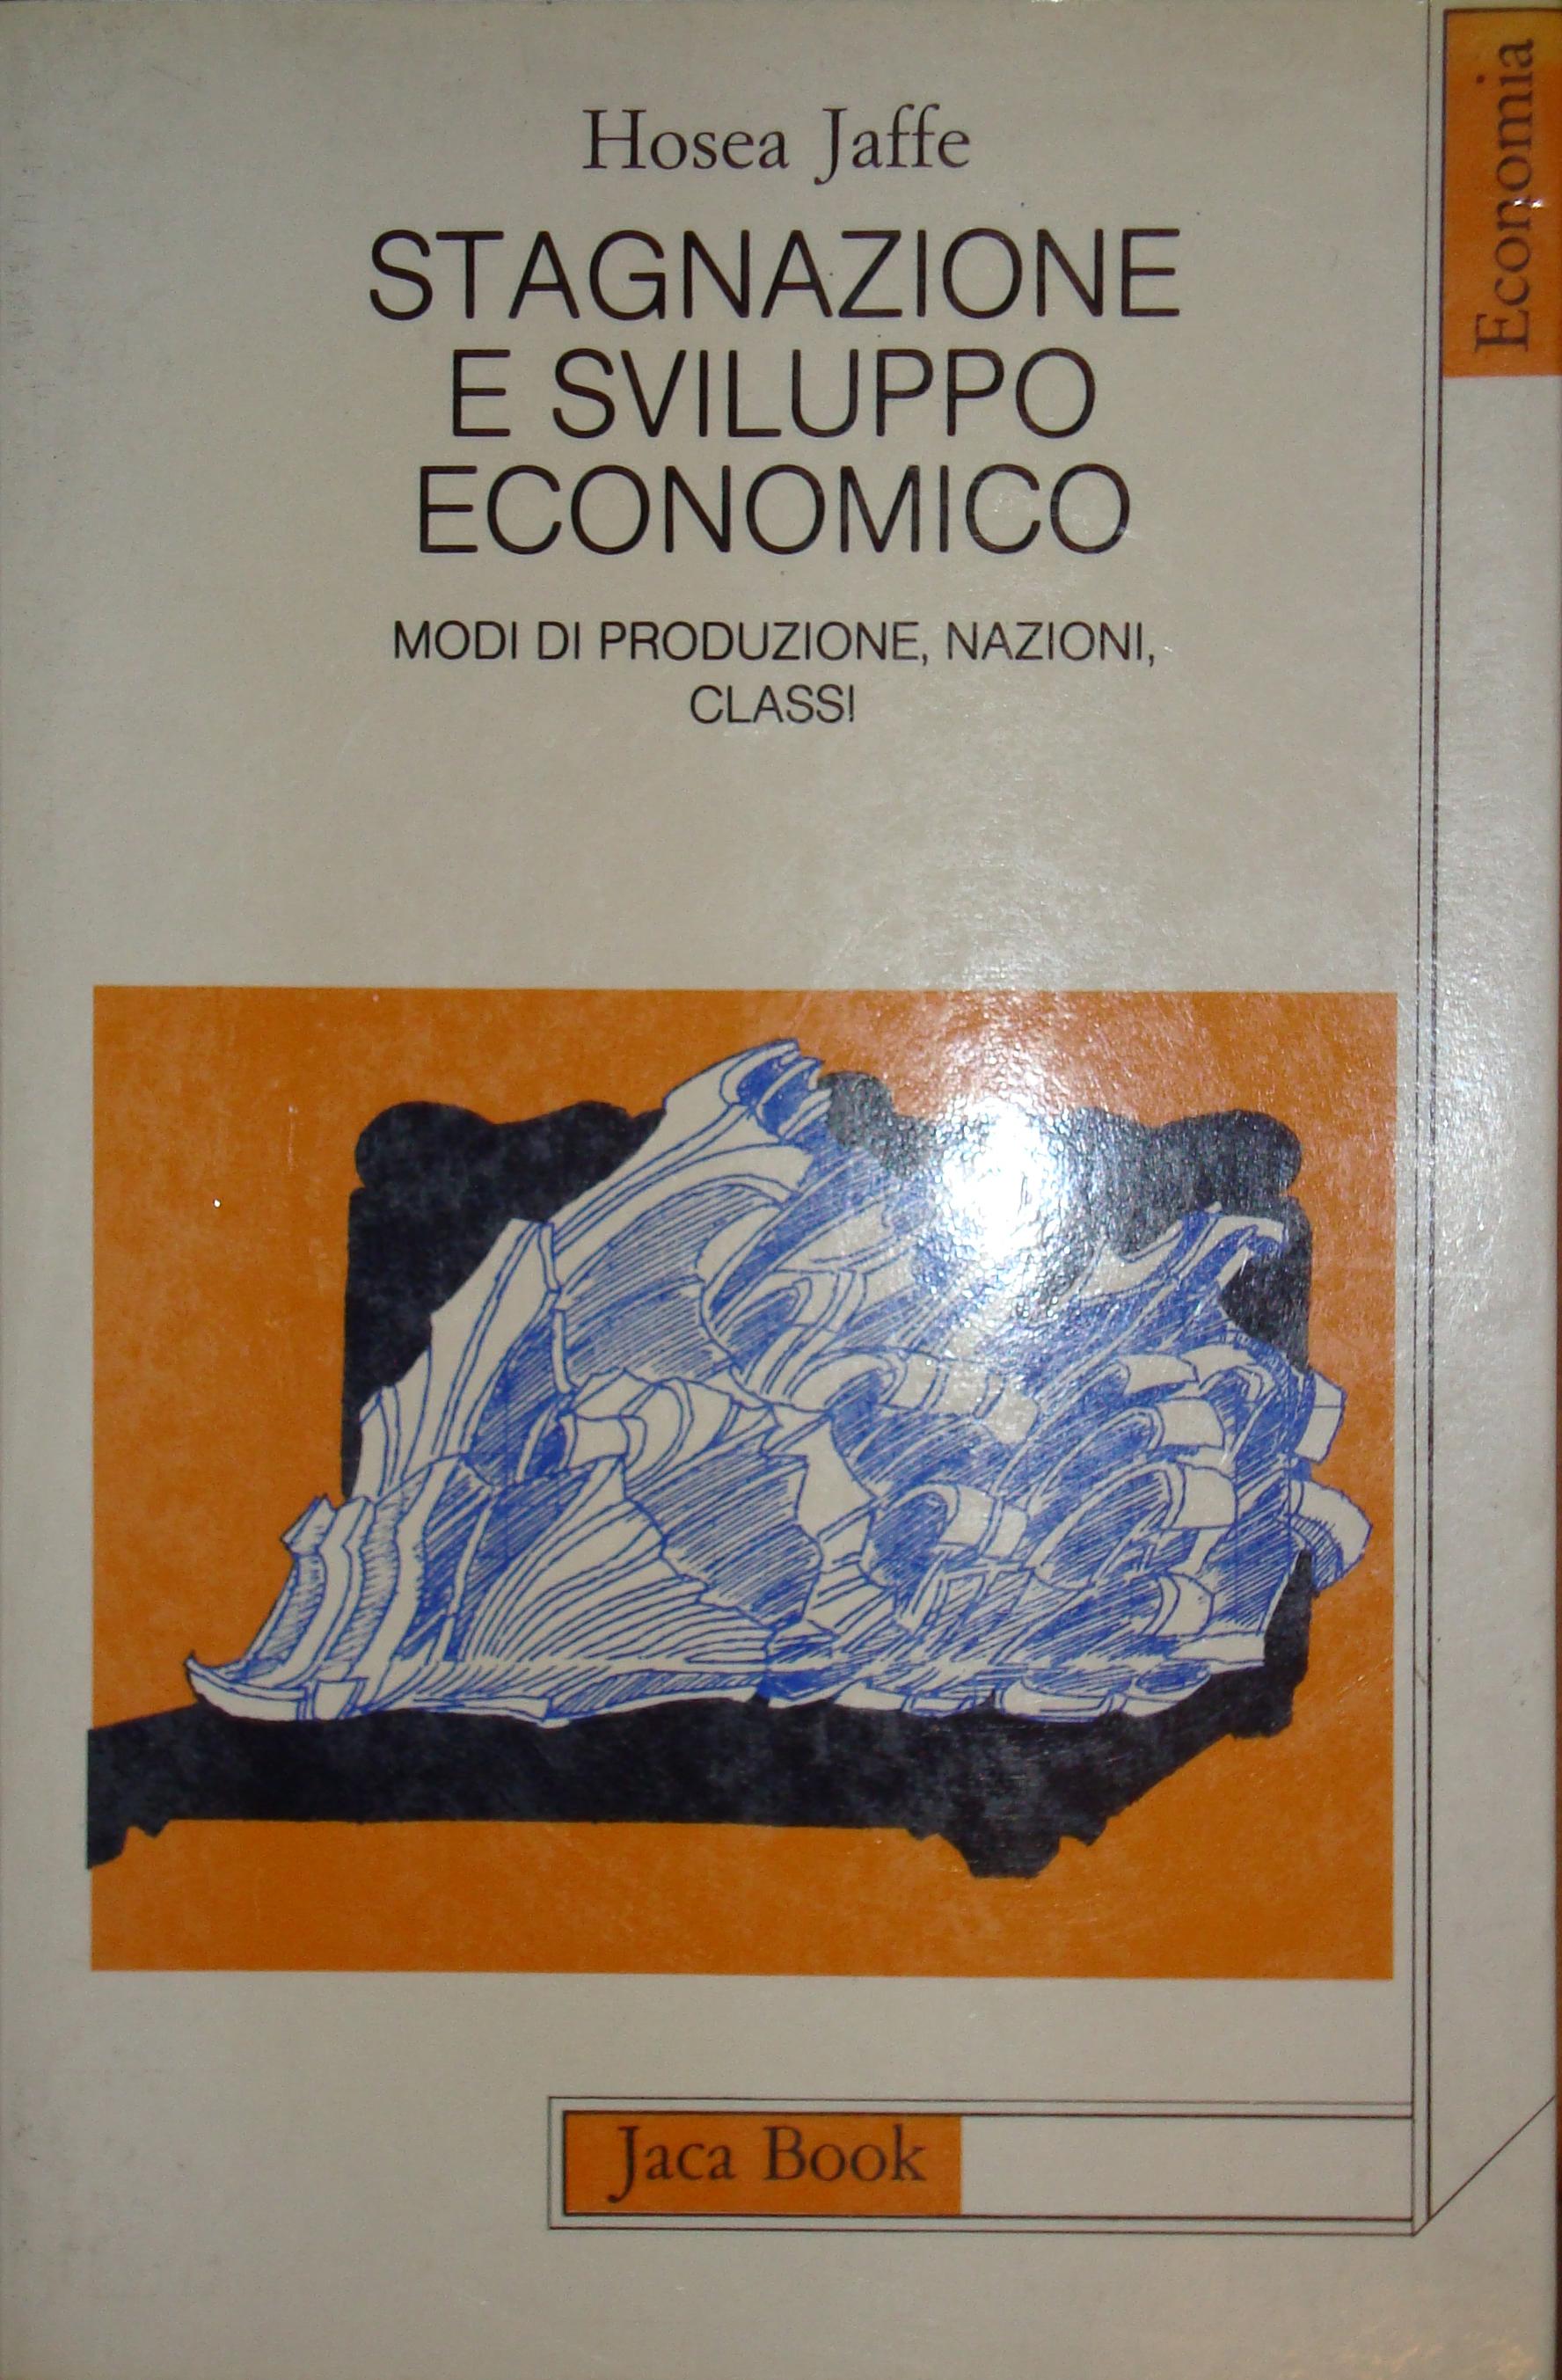 Stagnazione e sviluppo economico